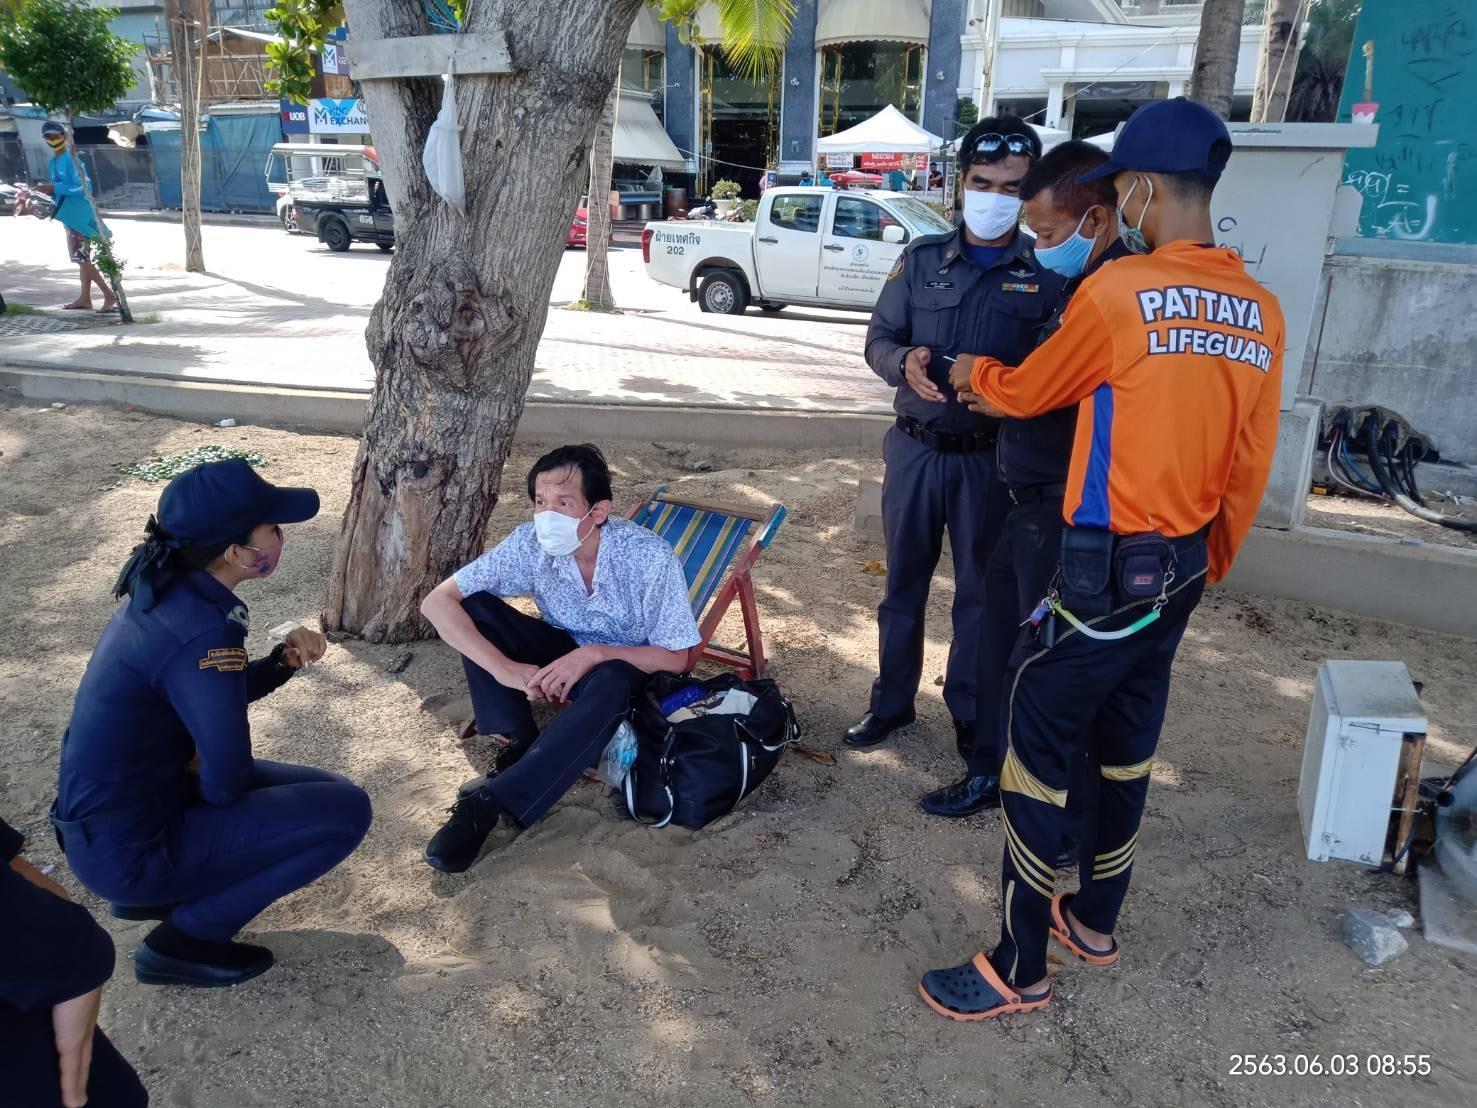 武漢ウイルスでお金を使い果たしてホームレスになった日本人 パタヤでタイ警察に保護される